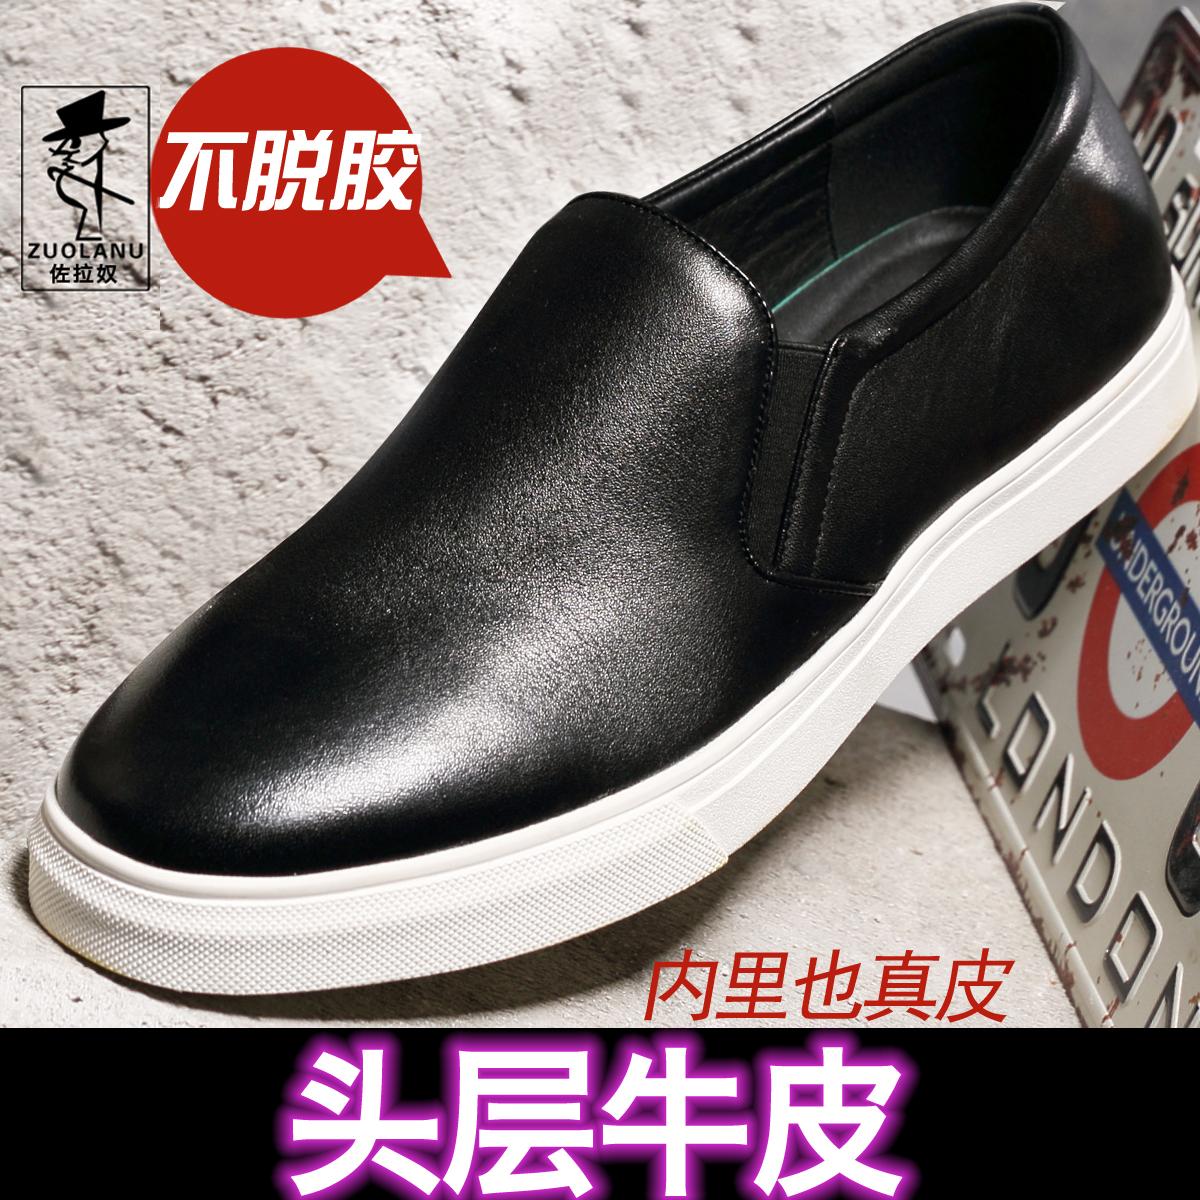 乐福鞋冬季潮鞋懒人板鞋韩版一脚蹬男鞋真皮男士鞋子休闲皮鞋百搭